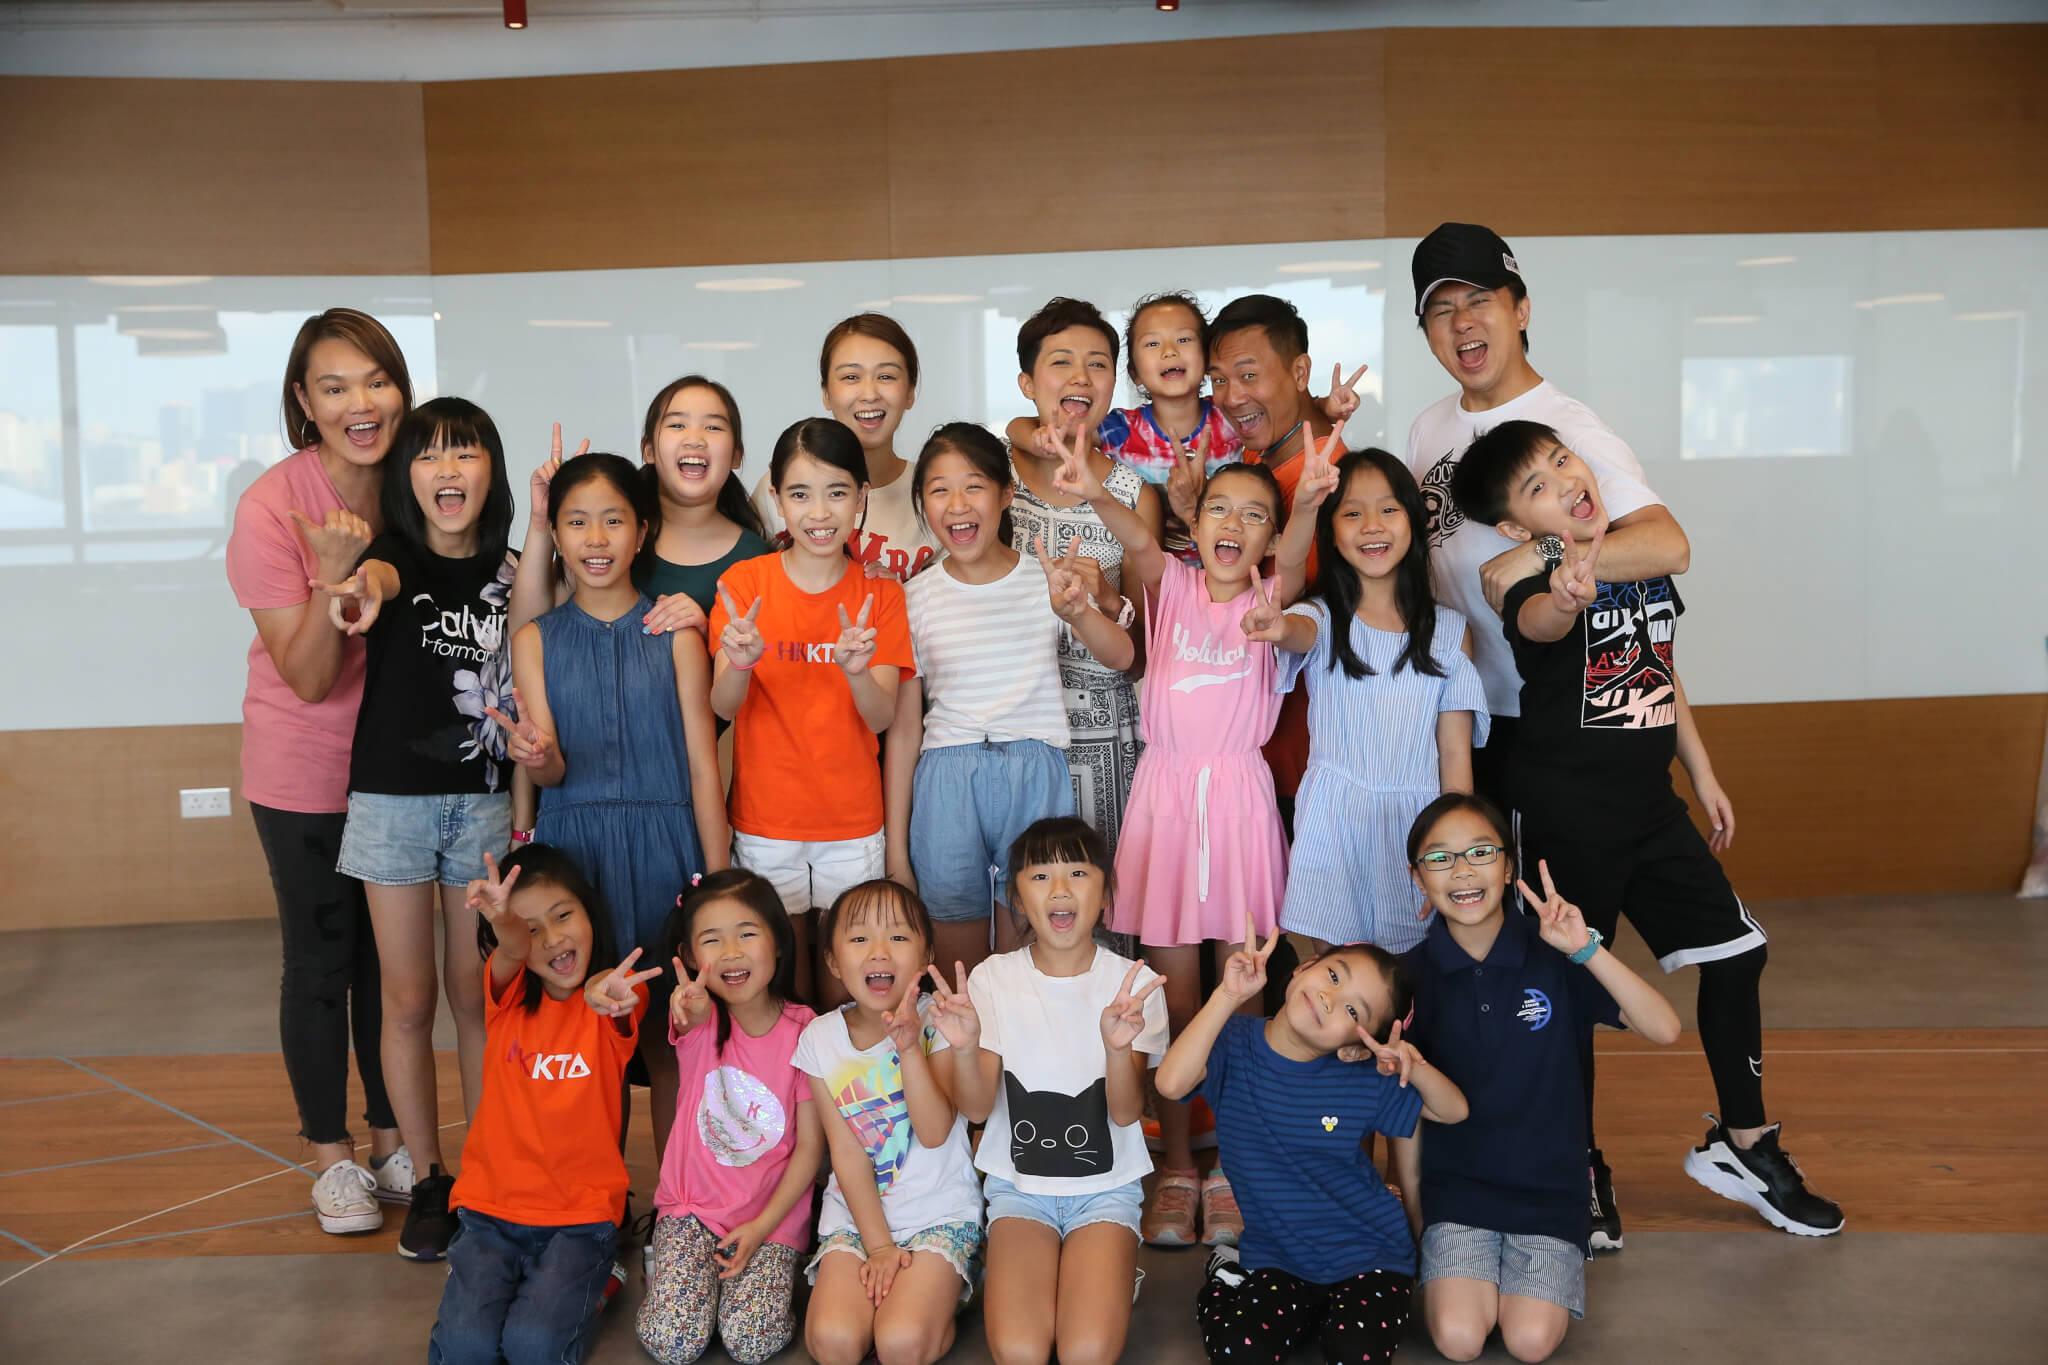 今次舞台劇動用了超過三十個小演員,陳國邦與羅敏莊都大讚這班小朋友很專業,懂得排戲時排戲,不會只顧住玩。